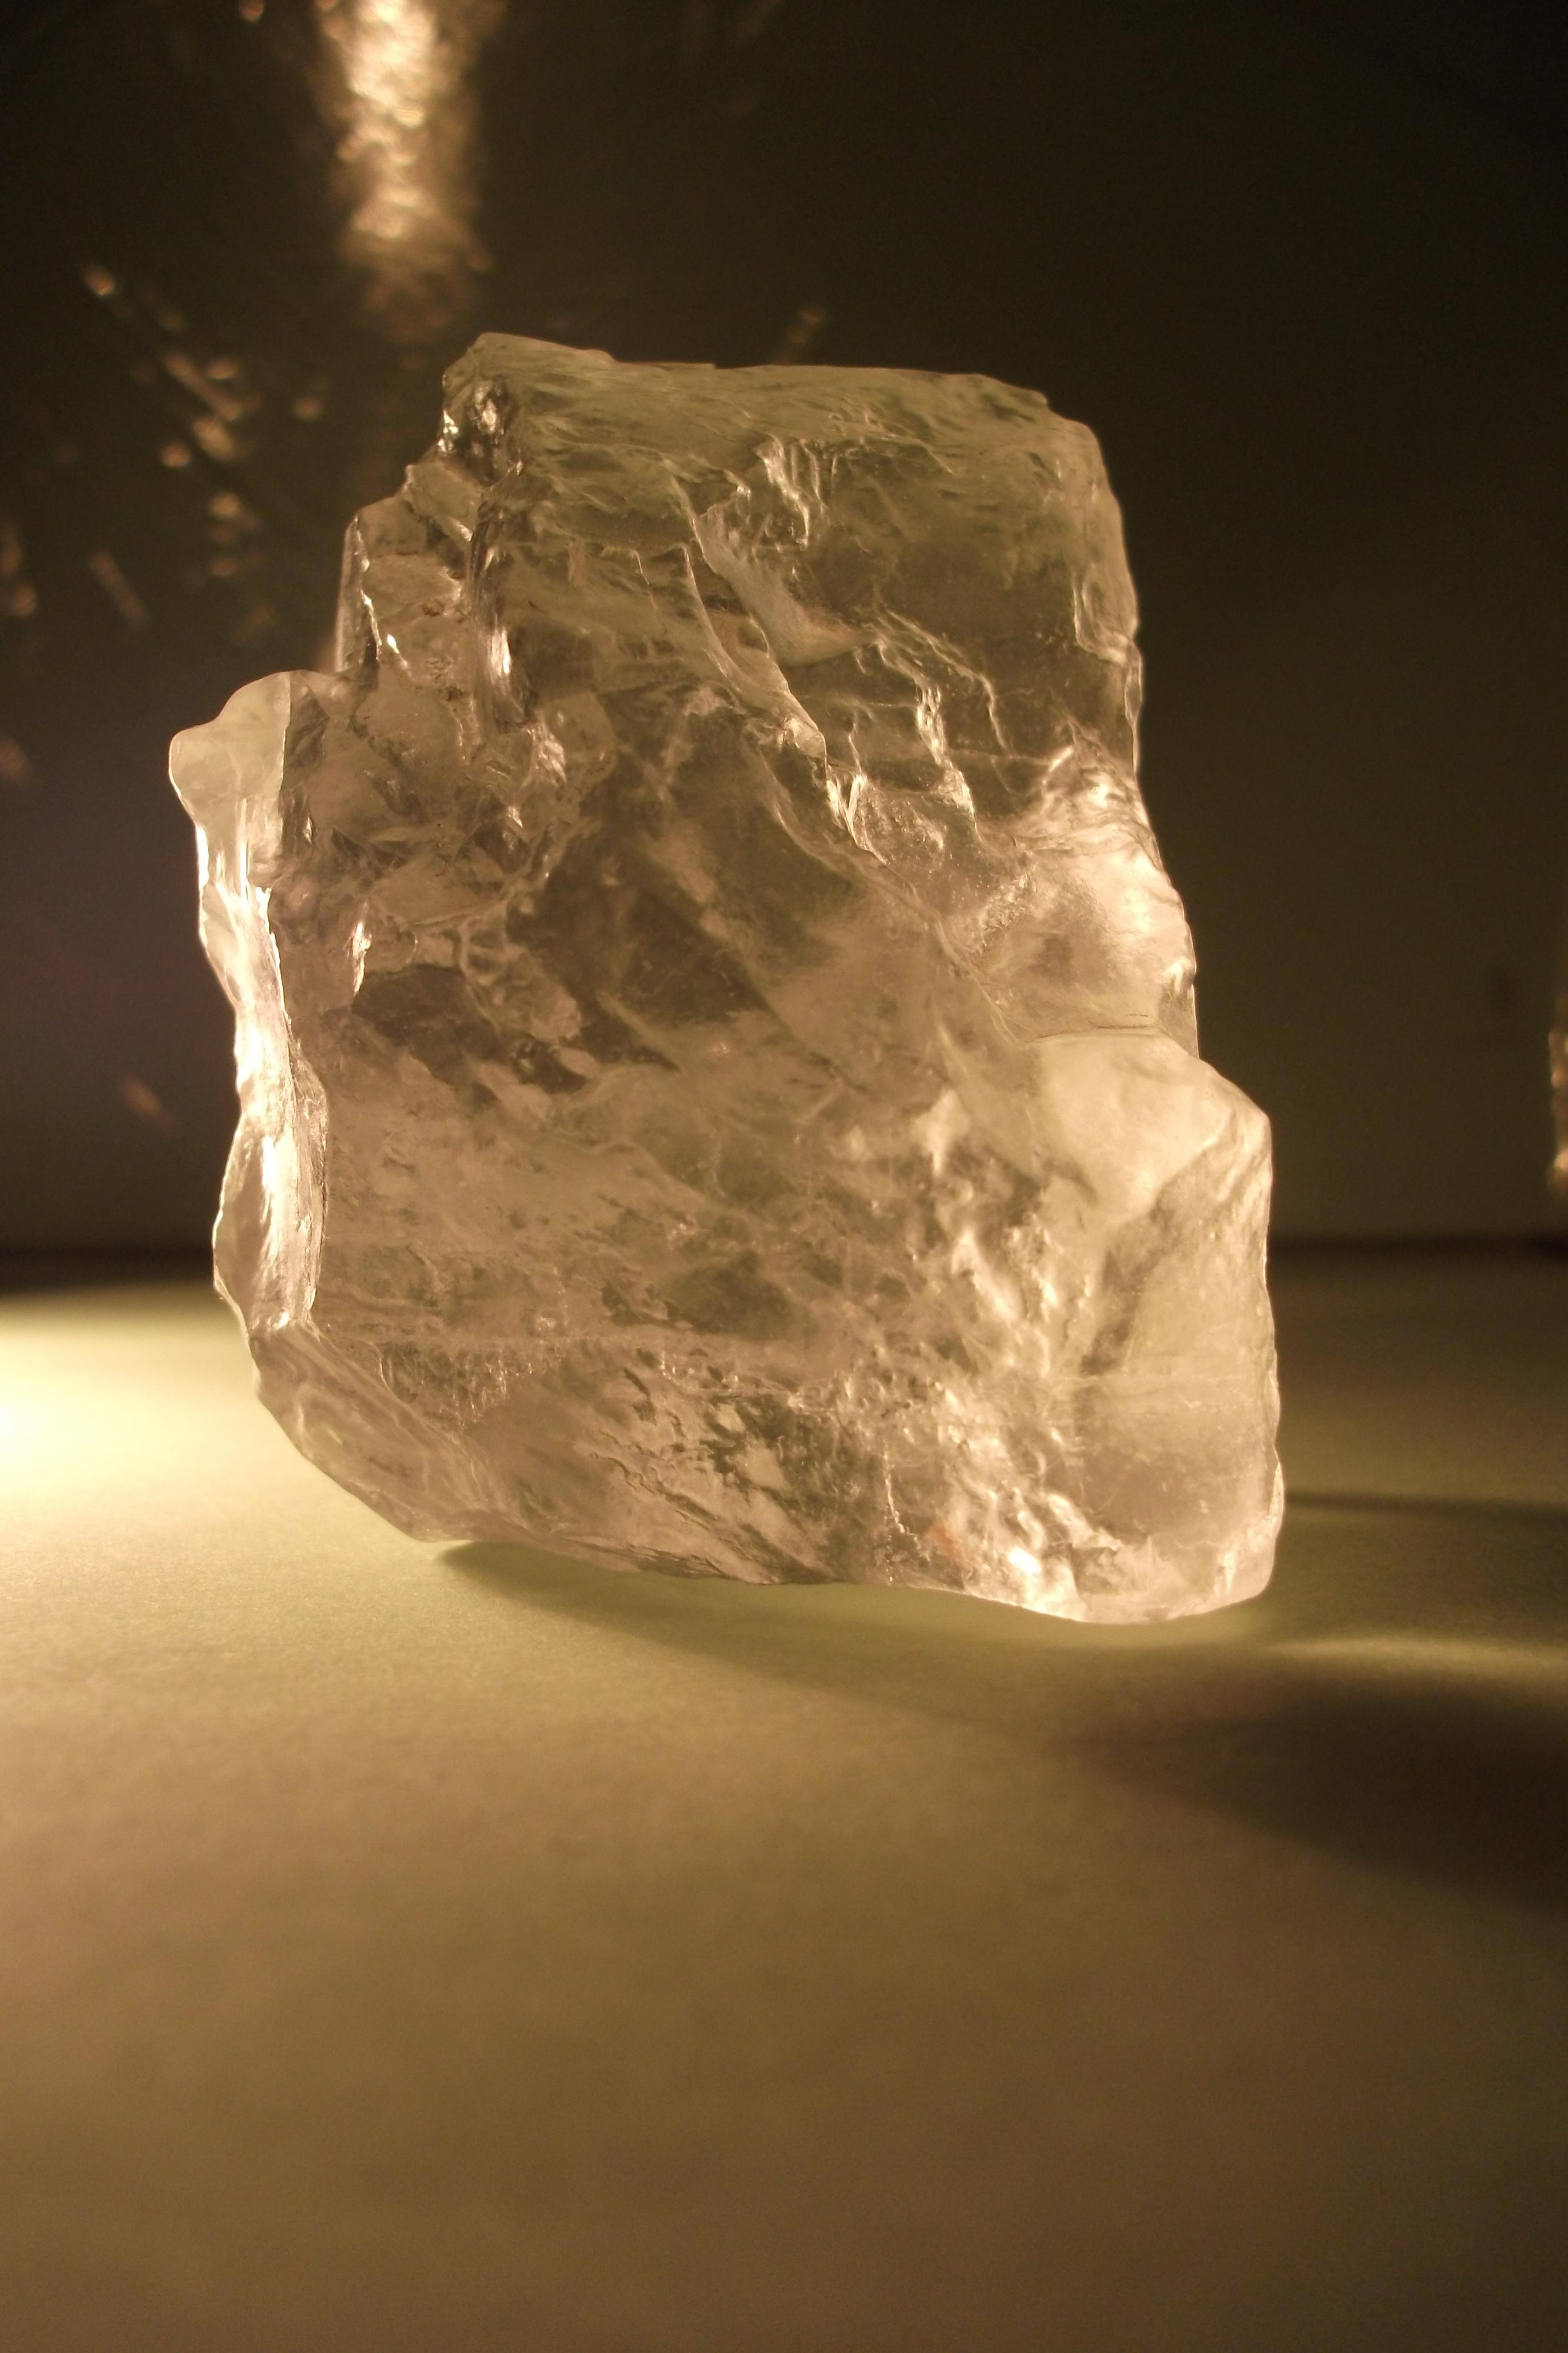 Кристаллы (хлорид натрия - галит)